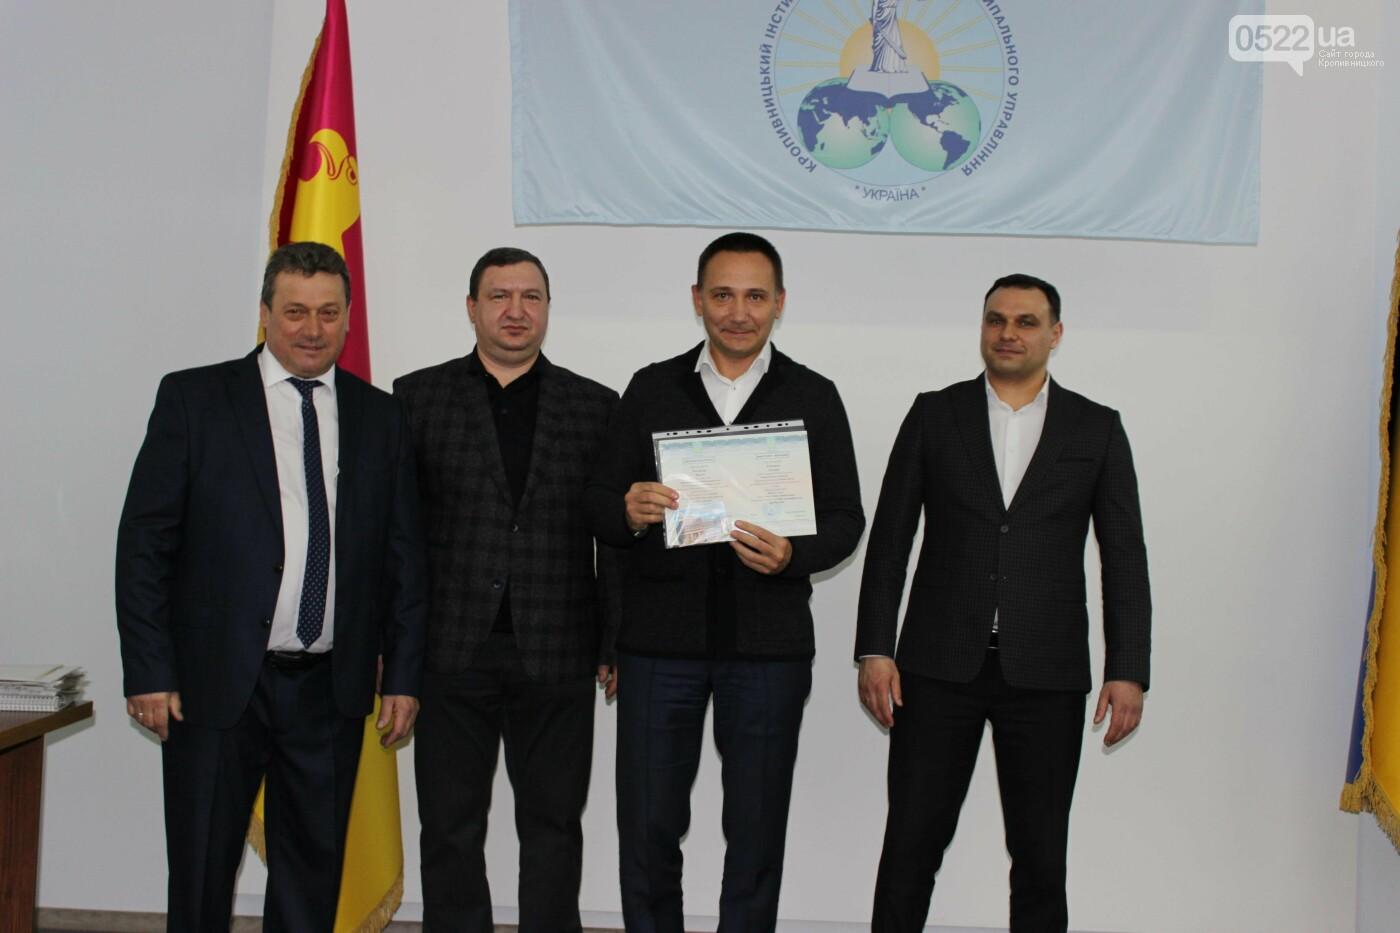 У Кропивницькому відбулась знакова подія - вручення дипломів магістрам, фото-1